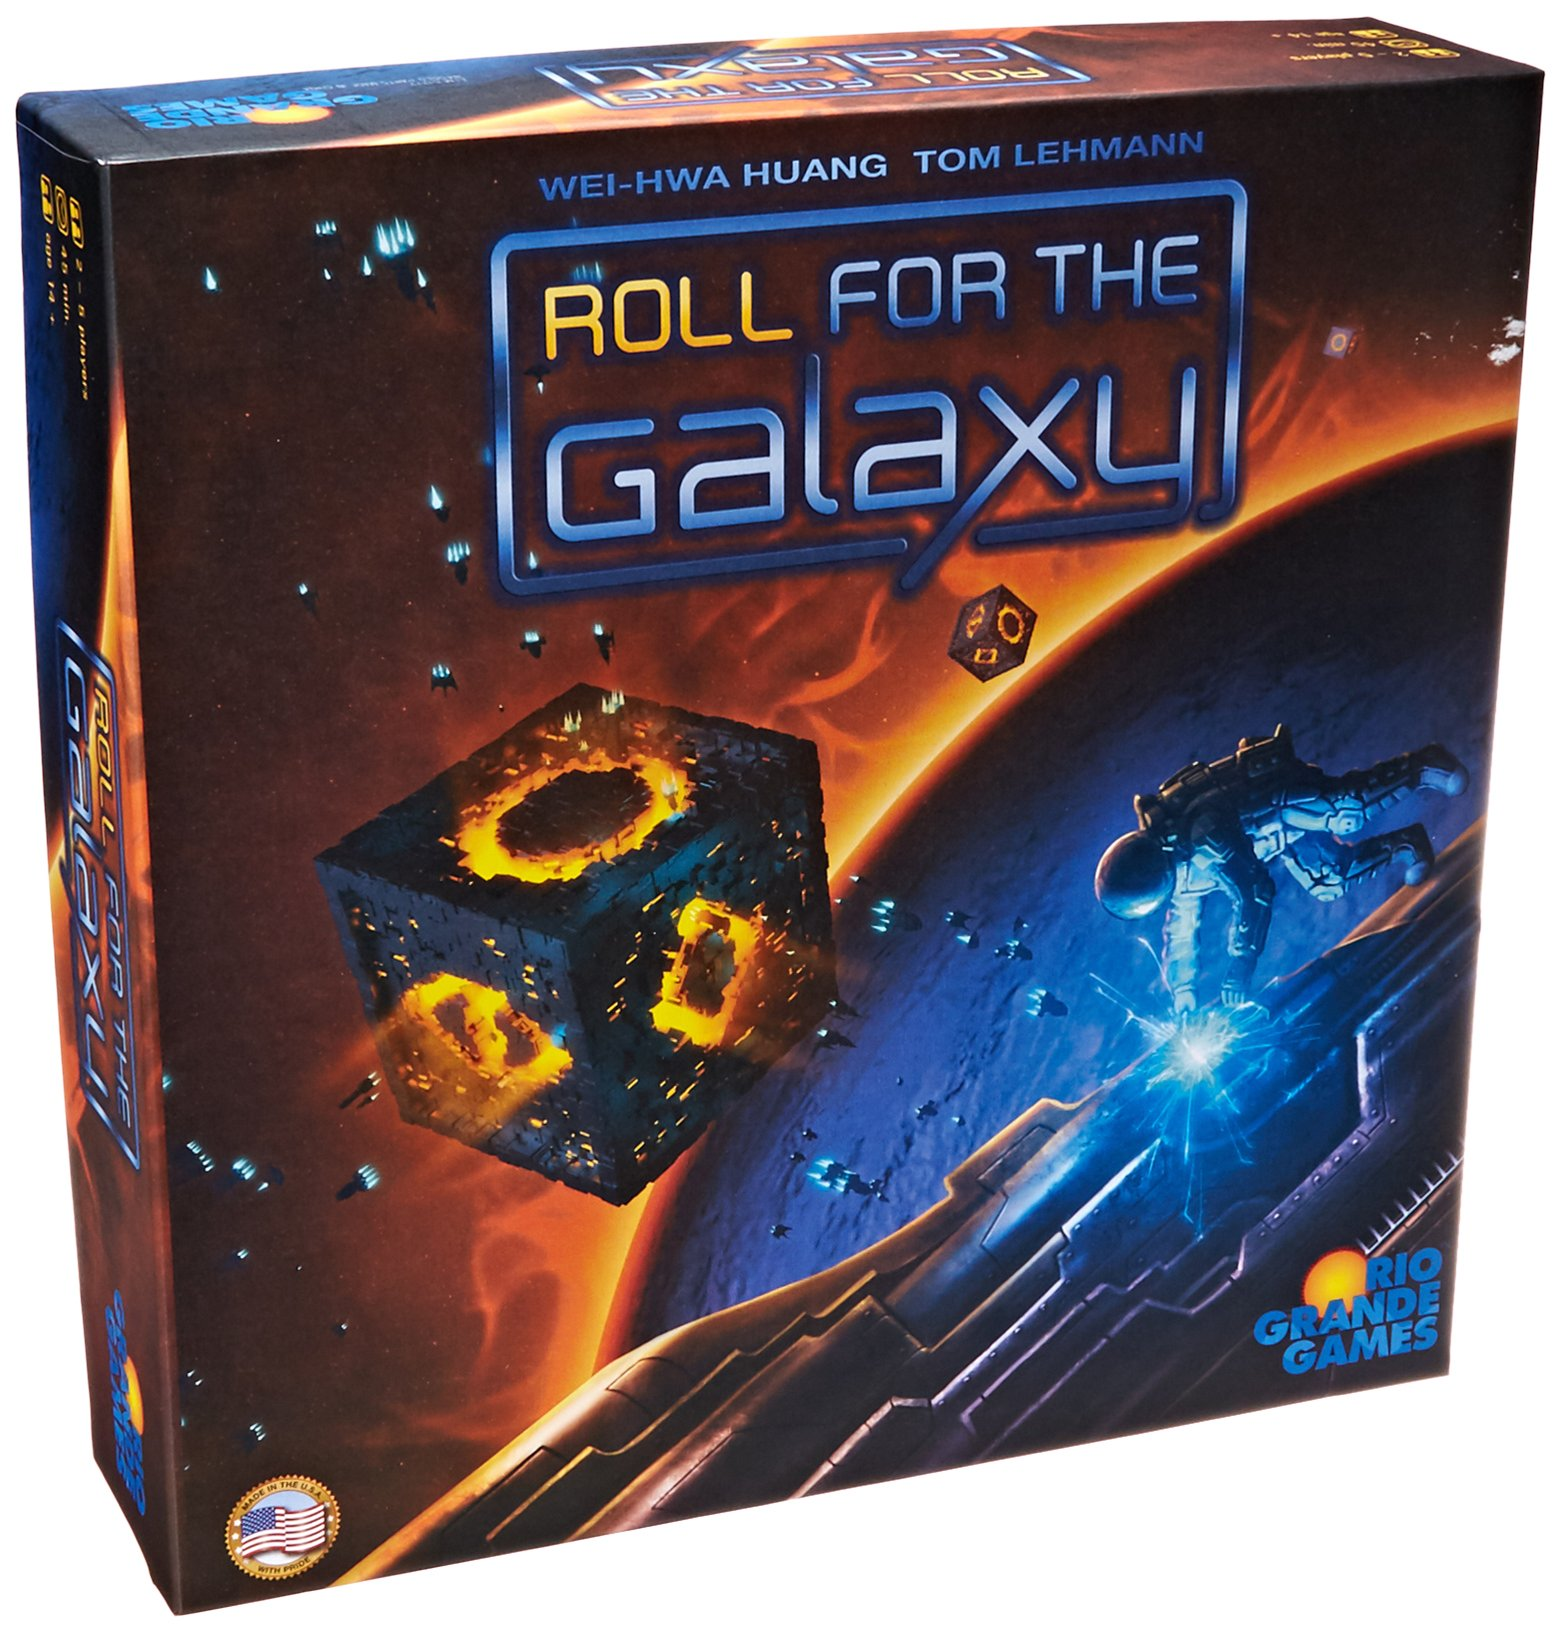 ویکالا · خرید  اصل اورجینال · خرید از آمازون · Roll for The Galaxy Board Game wekala · ویکالا